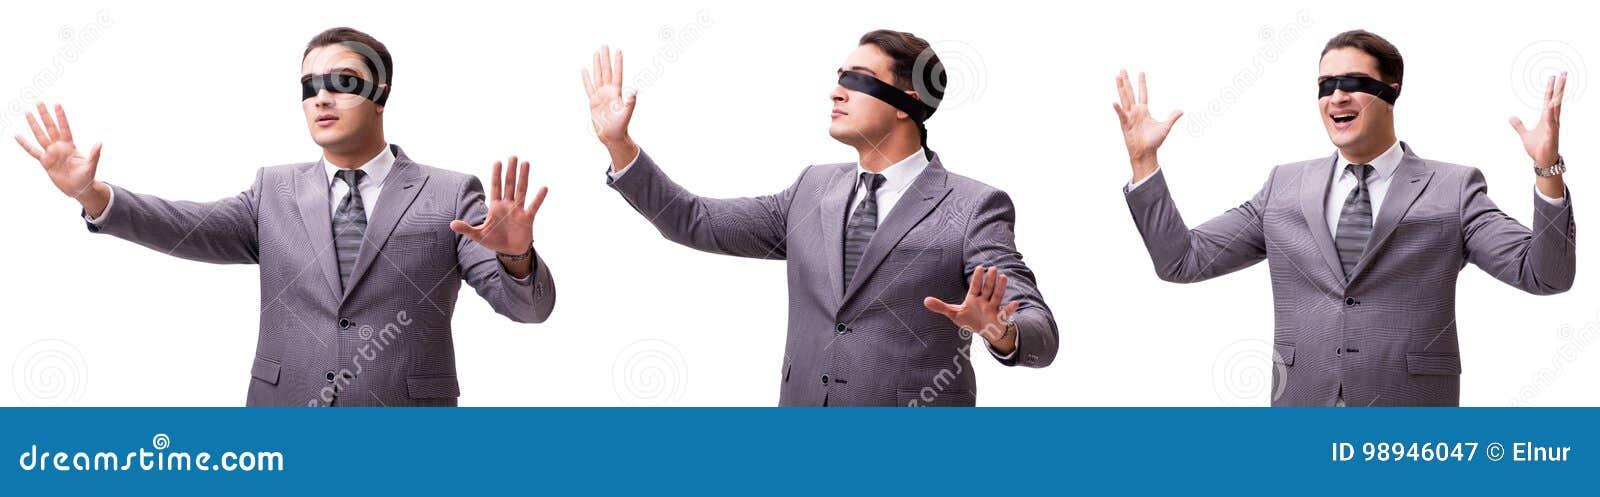 El hombre de negocios con los ojos vendados aislado en blanco